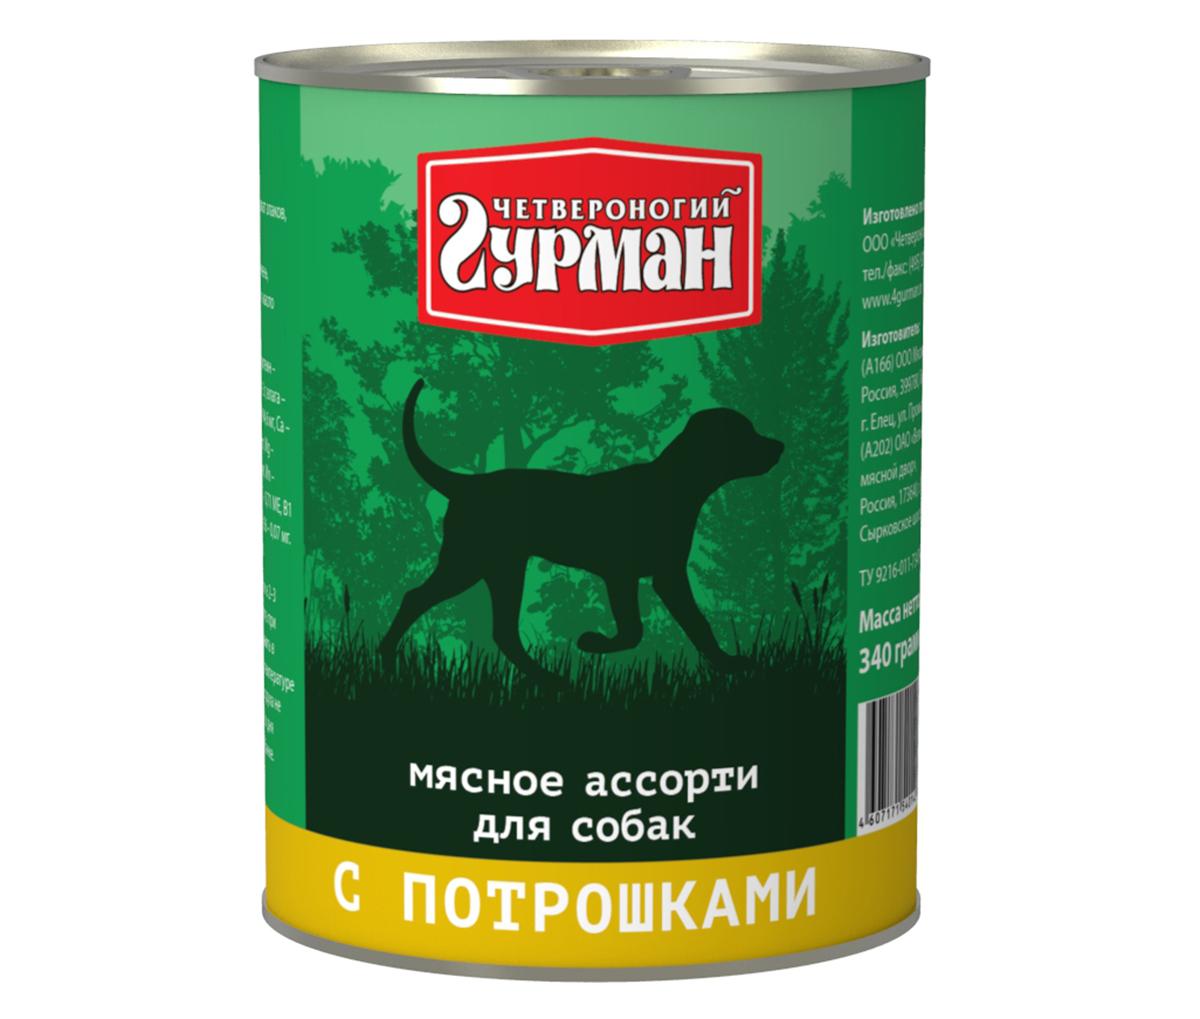 Консервы для собак Четвероногий гурман Мясное ассорти, с потрошками, 340 г. 1031090100120710Консервы для собак Четвероногий гурман Мясное ассорти - это влажный мясной корм суперпремиум класса, состоящий из разных сортов мяса и качественных субпродуктов. Корм не содержит синтетических витаминно-минеральных комплексов, злаков, бобовых и овощей. Никаких искусственных компонентов в составе: только натуральное, экологически чистое мясо от проверенных поставщиков. По консистенции продукт представляет собой кусочки из фарша размером 3-15 мм. В состав входит коллаген. Его компоненты (хондроитин и глюкозамин) положительно воздействуют на суставы питомца. Состав: рубец (36%), сердце (22%), легкое, печень, коллагенсодержащее сырье, животный белок, масло растительное, вода. Пищевая ценность (в 100 г продукта): протеин 10,5 г, жир 6 г, клетчатка 0,5 г, сырая зола 2 г, влага 80 г. Минеральные вещества: P 104,6 мг, Са 11,03 мг, Na 159,3 мг, Cl 209,2 мг, Mg 10,9 мг, Fe 3,9 мг, Cu 249,05 мкг, I 4,32 мкг. Витамины: А, E, В1, В2, B3, B5, B6. Энергетическая ценность (на 100 г): 98 ккал. Товар сертифицирован.